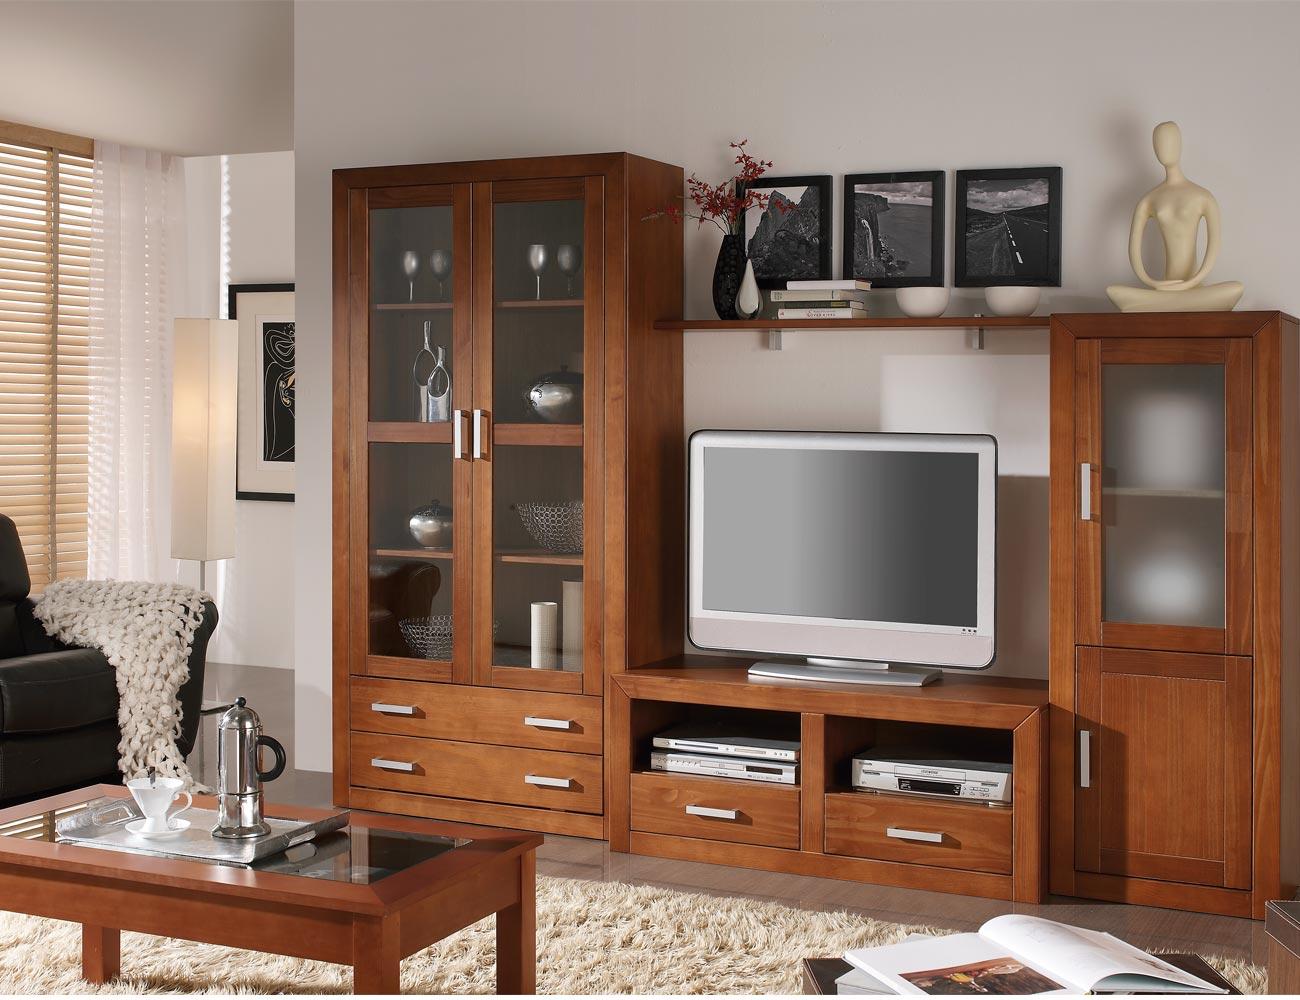 Muebles de sal n comedor estilo colonial en madera con for Muebles nogal yecla